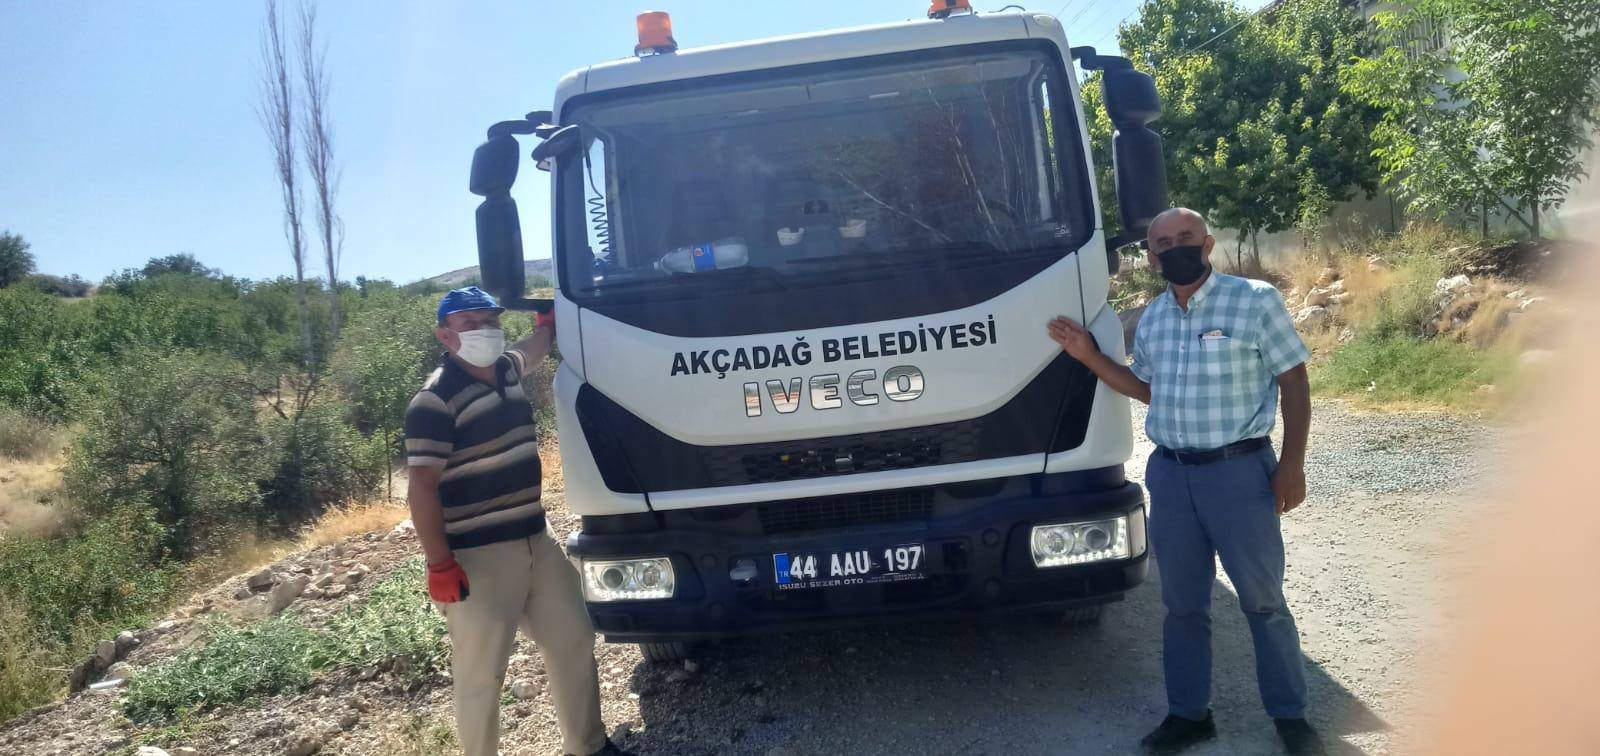 Akçadağ Belediyesi Hijyen Kurallarına Azami Özen Gösteriliyor